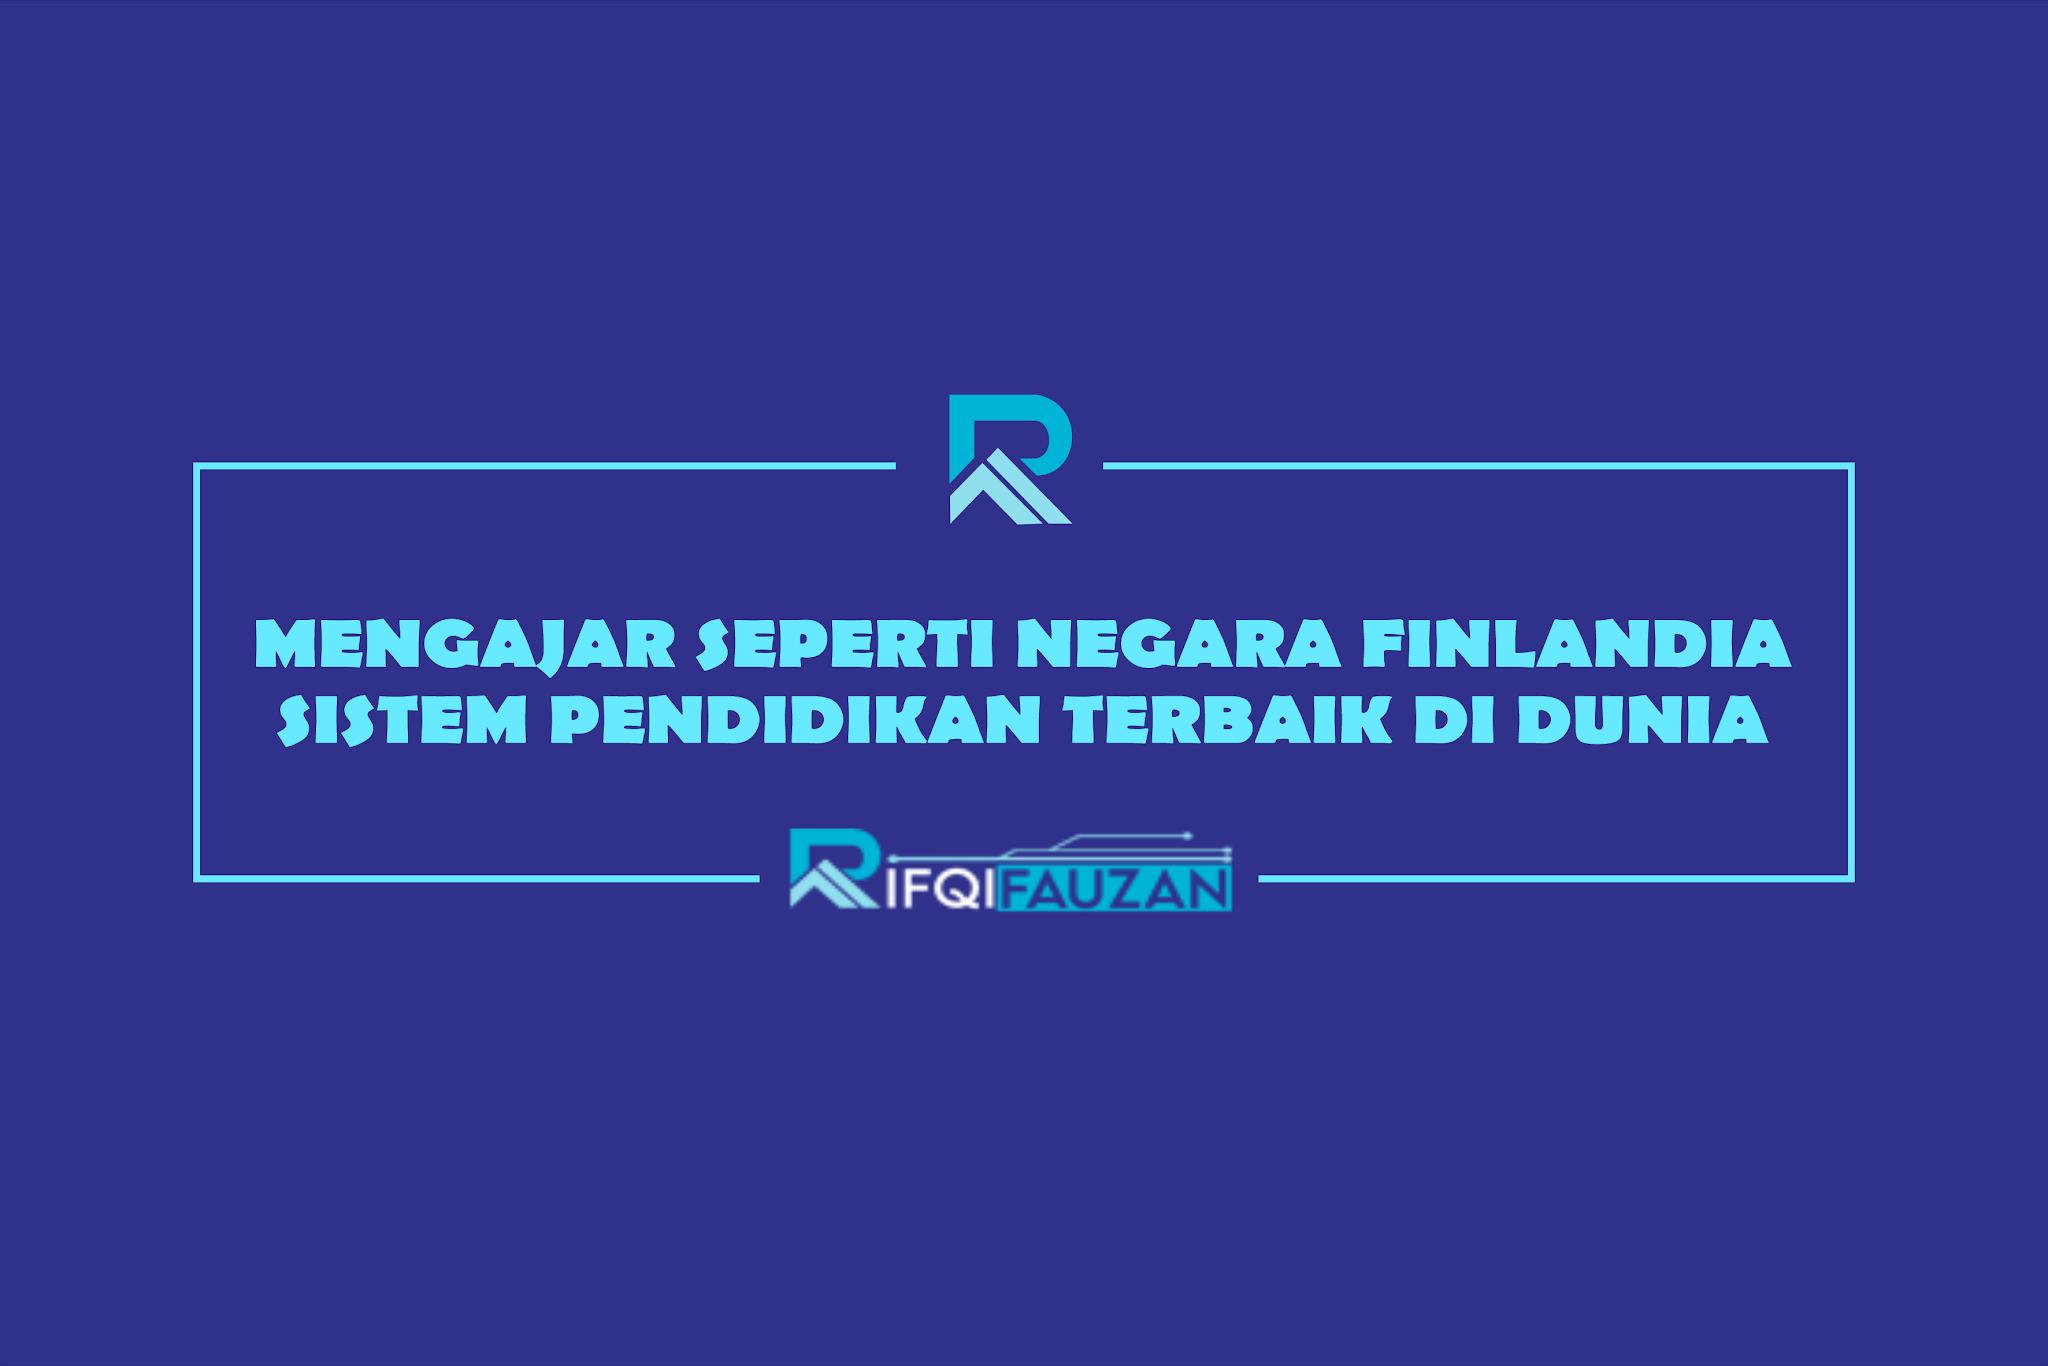 MENGAJAR SEPERTI NEGARA FINLANDIA | SISTEM PENDIDIKAN TERBAIK DI DUNIA